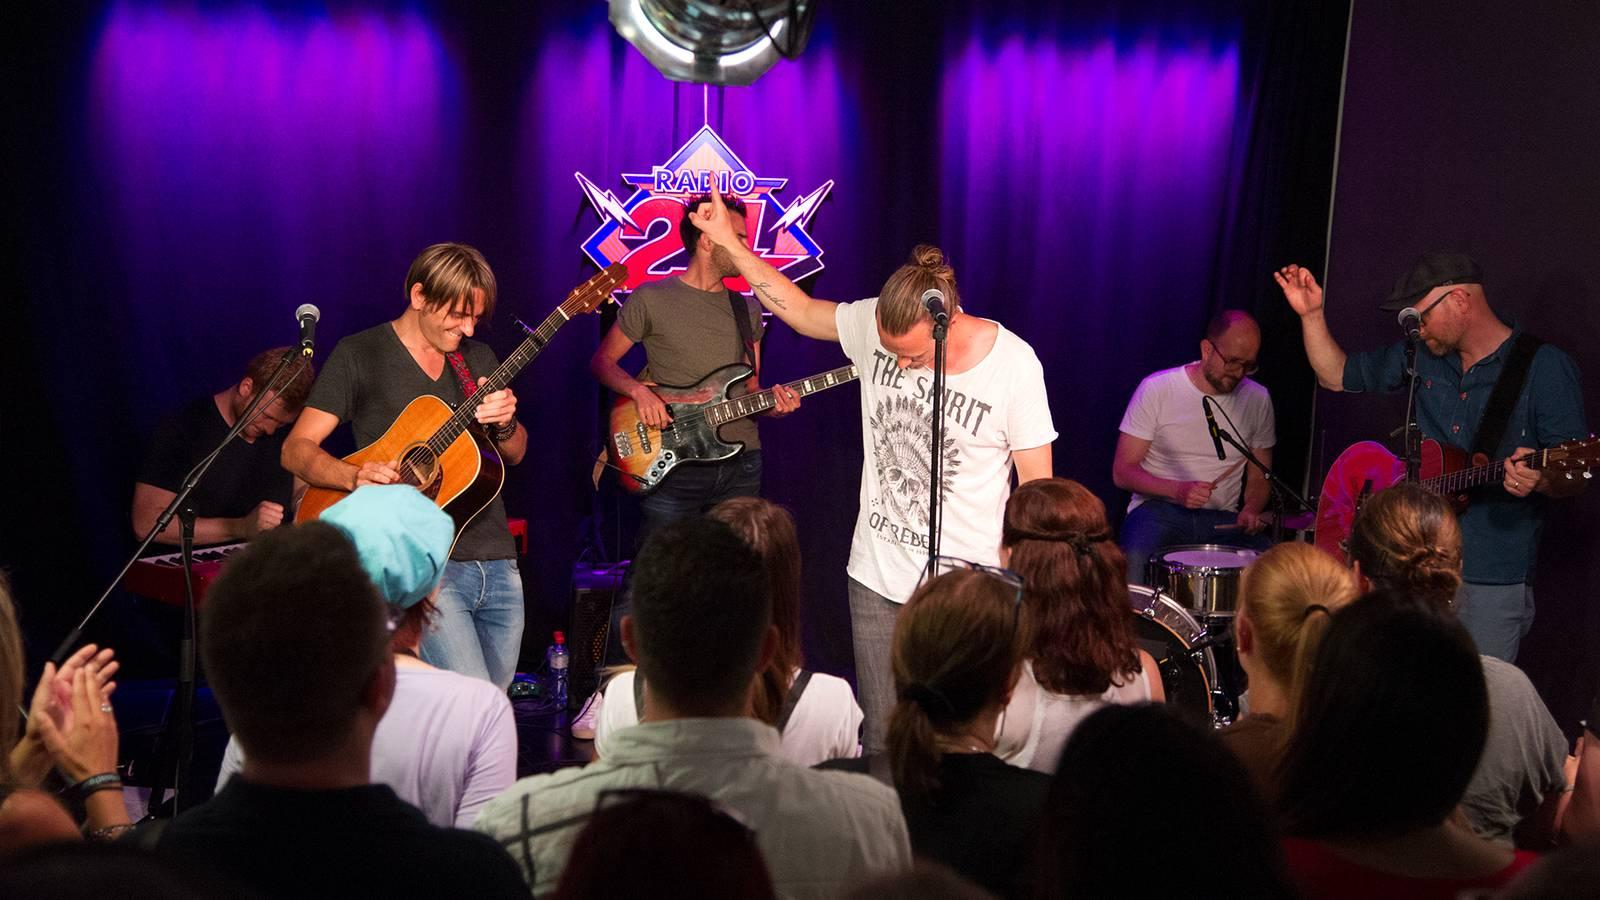 Das war die #stage24 mit Dada Ante Portas (© Radio 24)